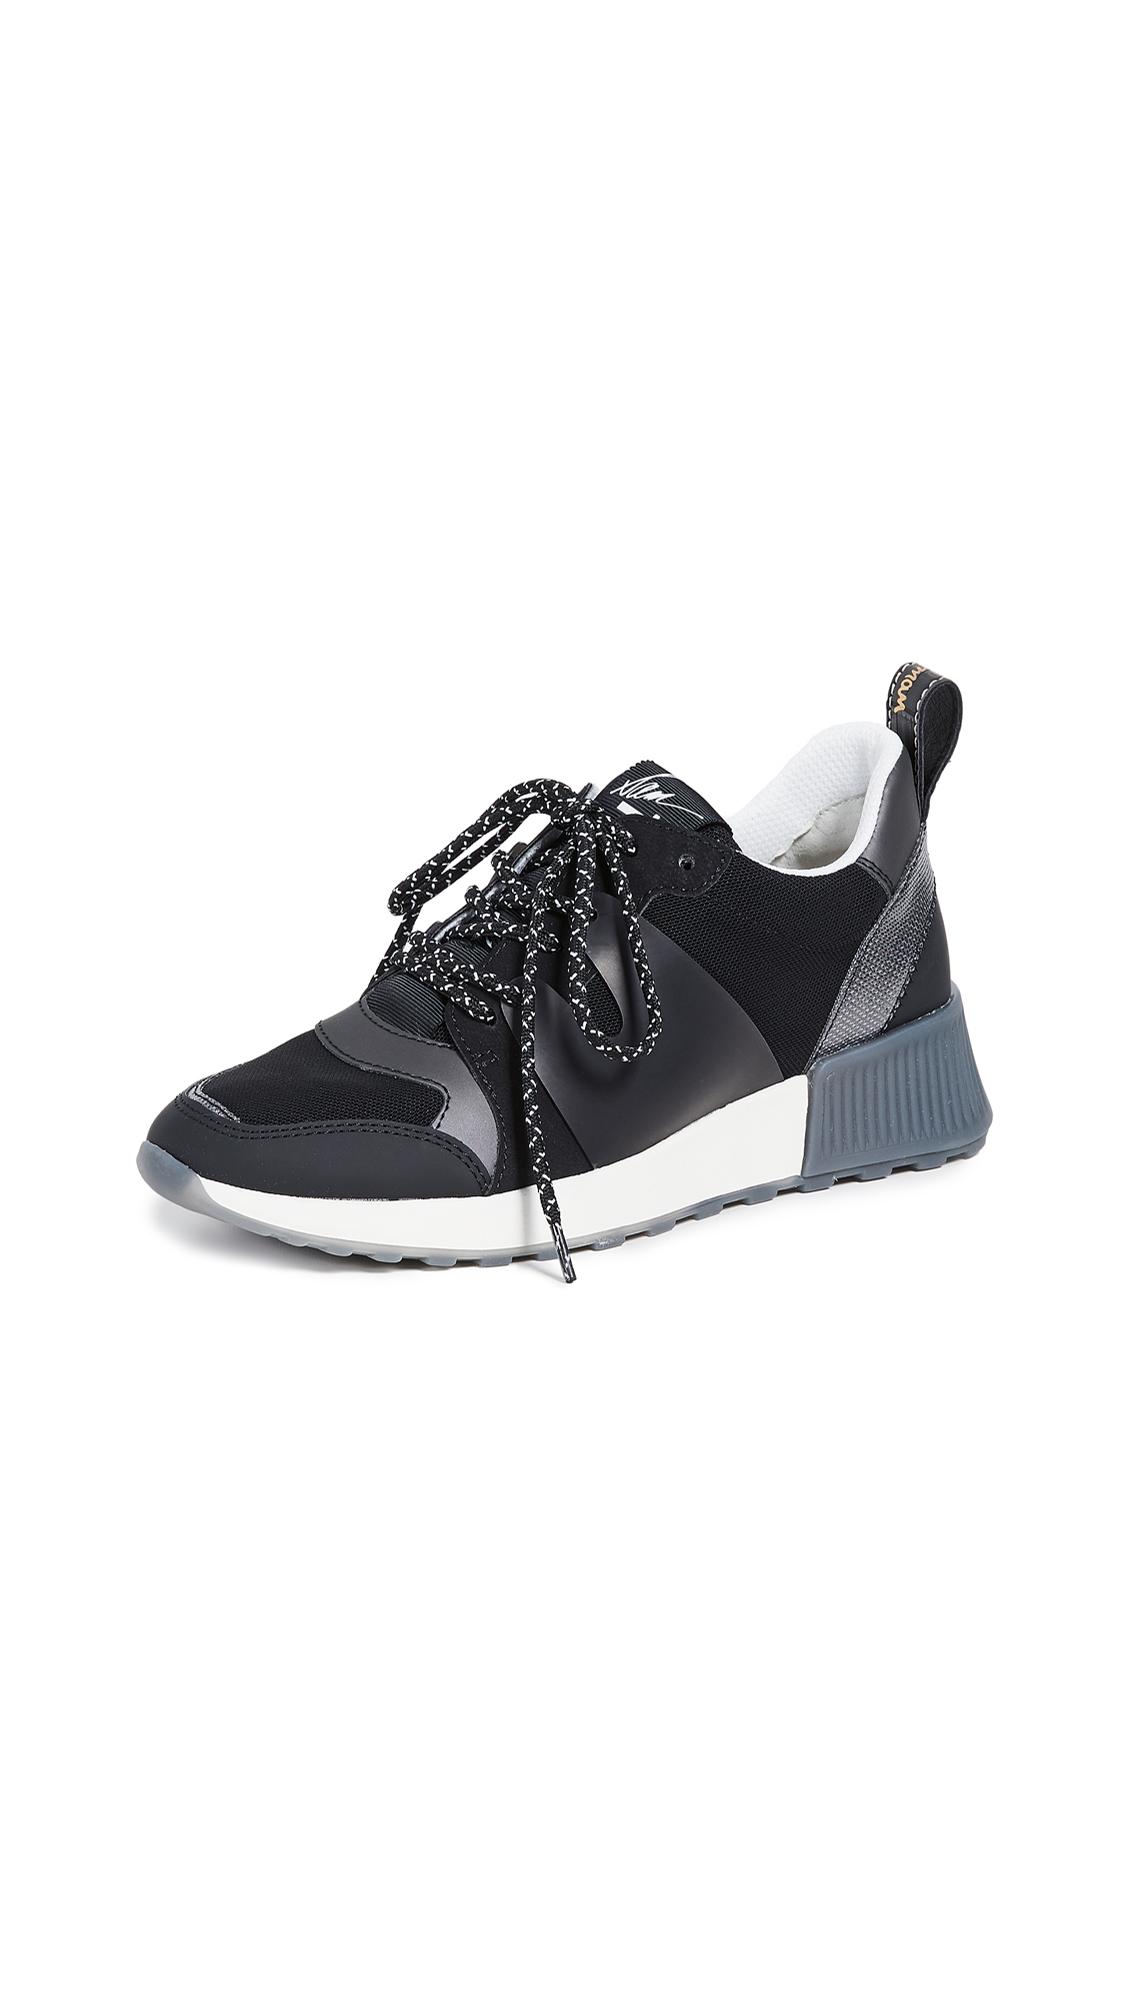 Sam Edelman Darsie Sneakers - Pewter/Black